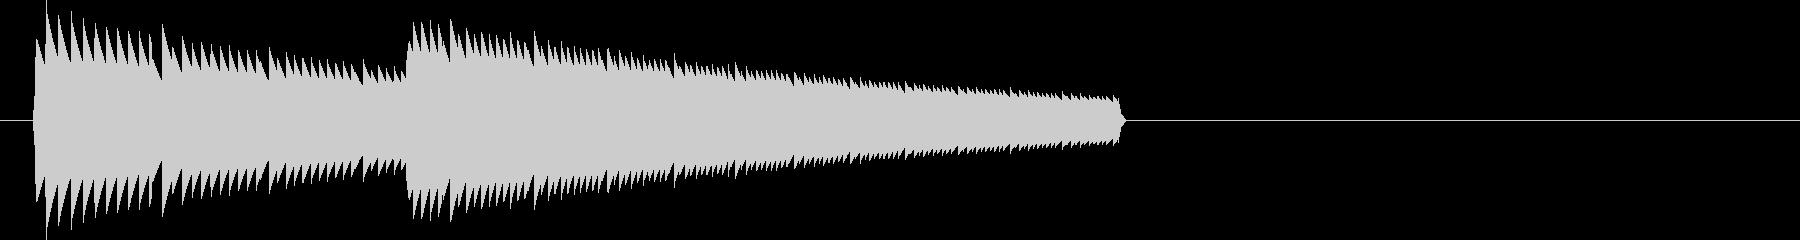 ビヨン(ジャンプ音・アイテム・チャージ)の未再生の波形